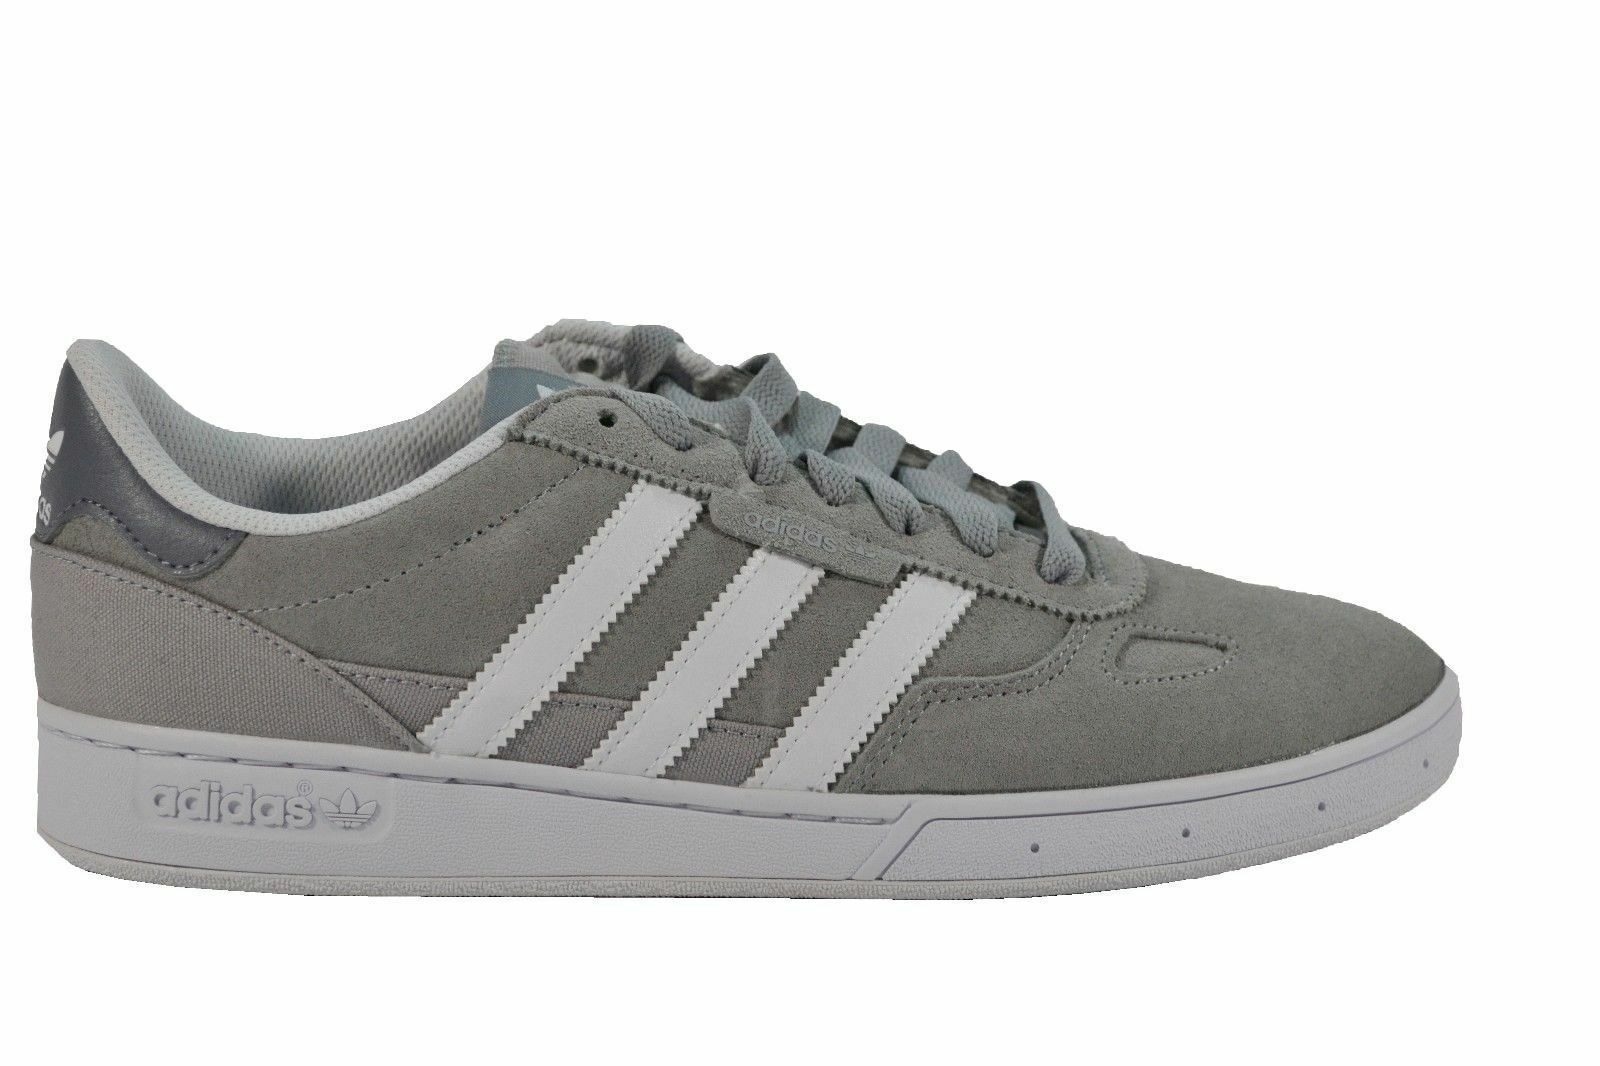 Adidas ciero metà grigio in bianco tech g98135 attualizzato (248), scarpe da uomo | Moda  | Uomini/Donne Scarpa